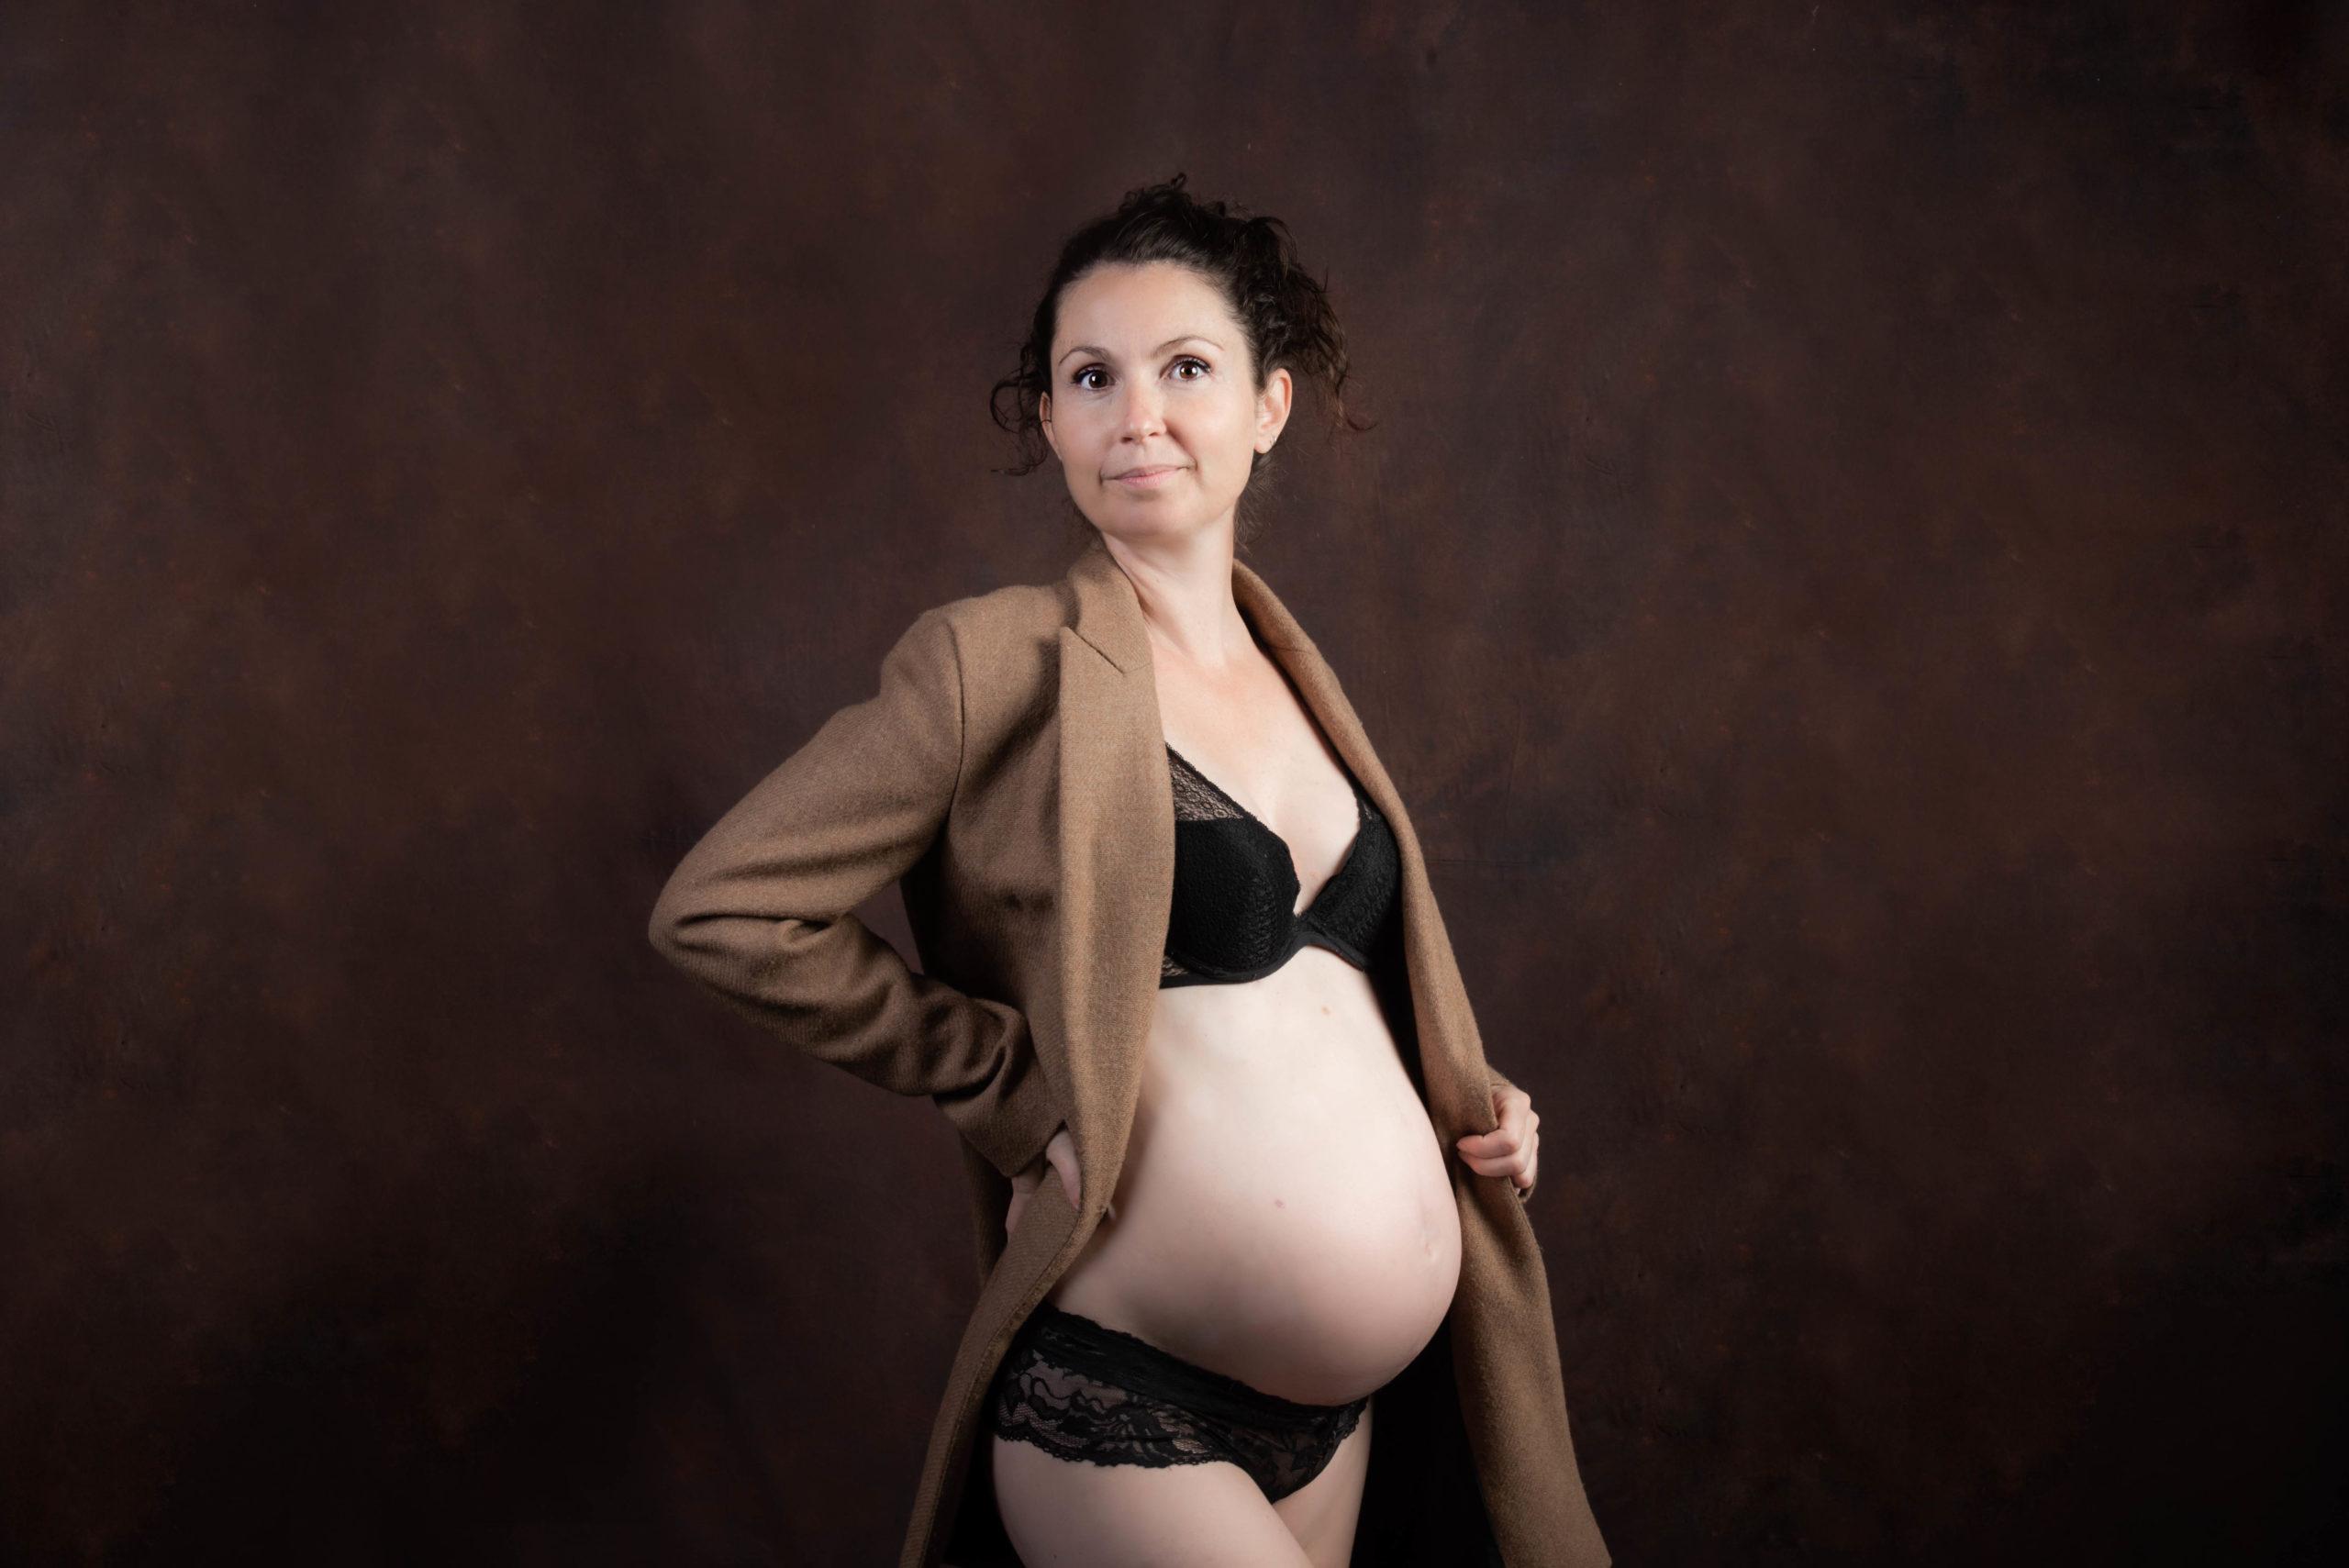 ue femme enceinte est vétue de son manteau